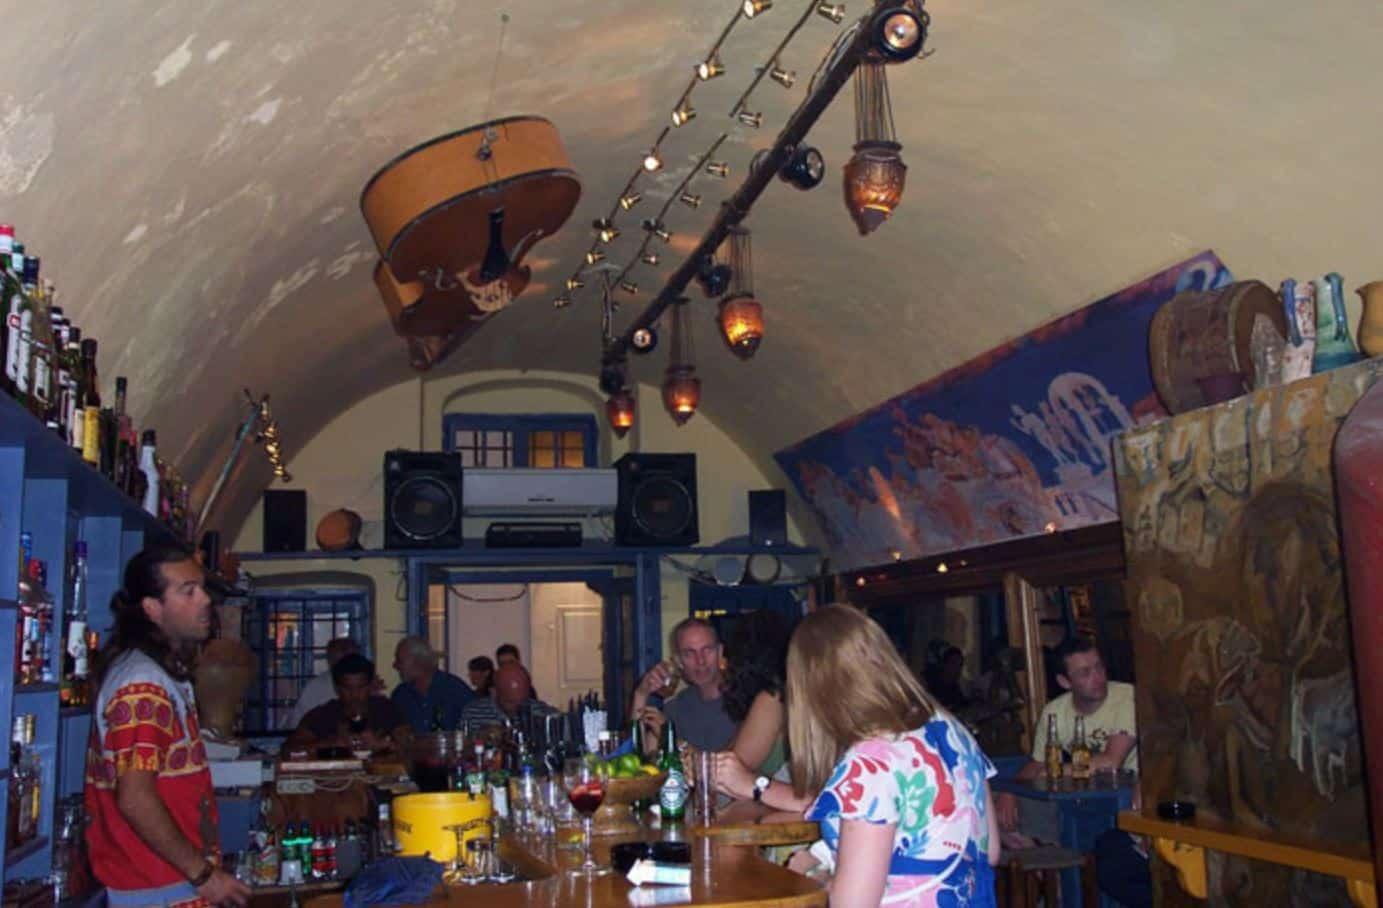 Kira Thira Jazz Bar